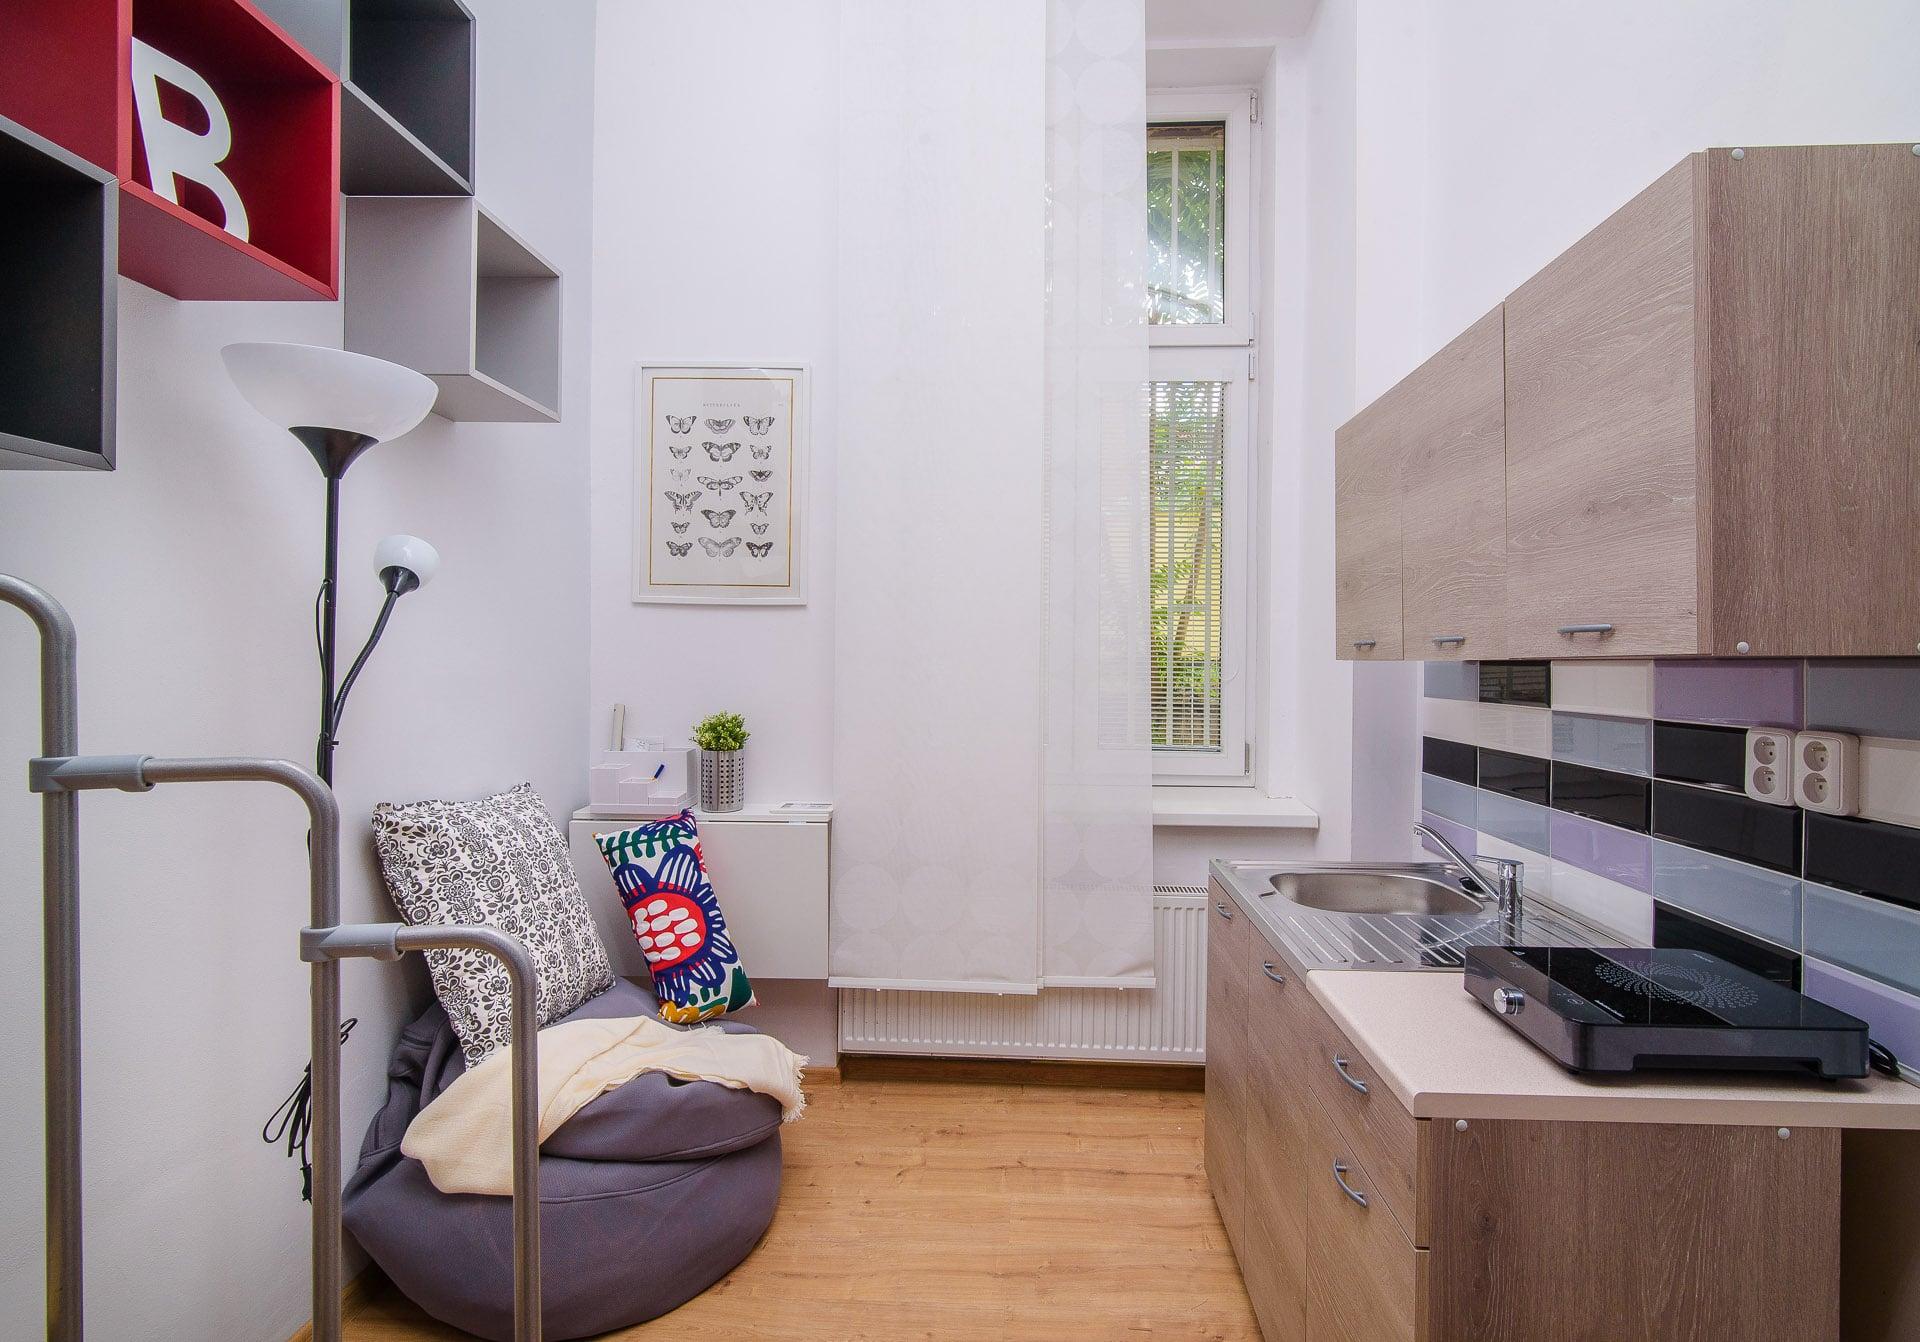 104 Loft Studio Apartment In Prague For Rent Eulivia Apartments